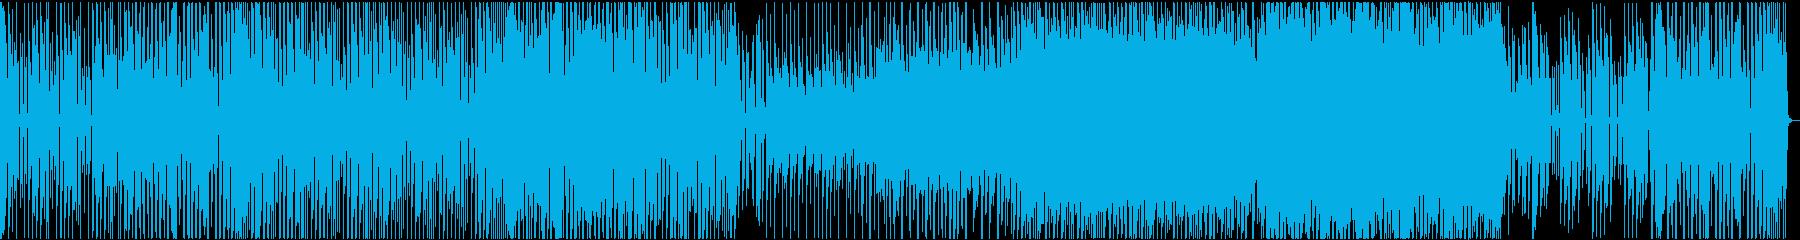 ありふれた日常のような楽曲の再生済みの波形